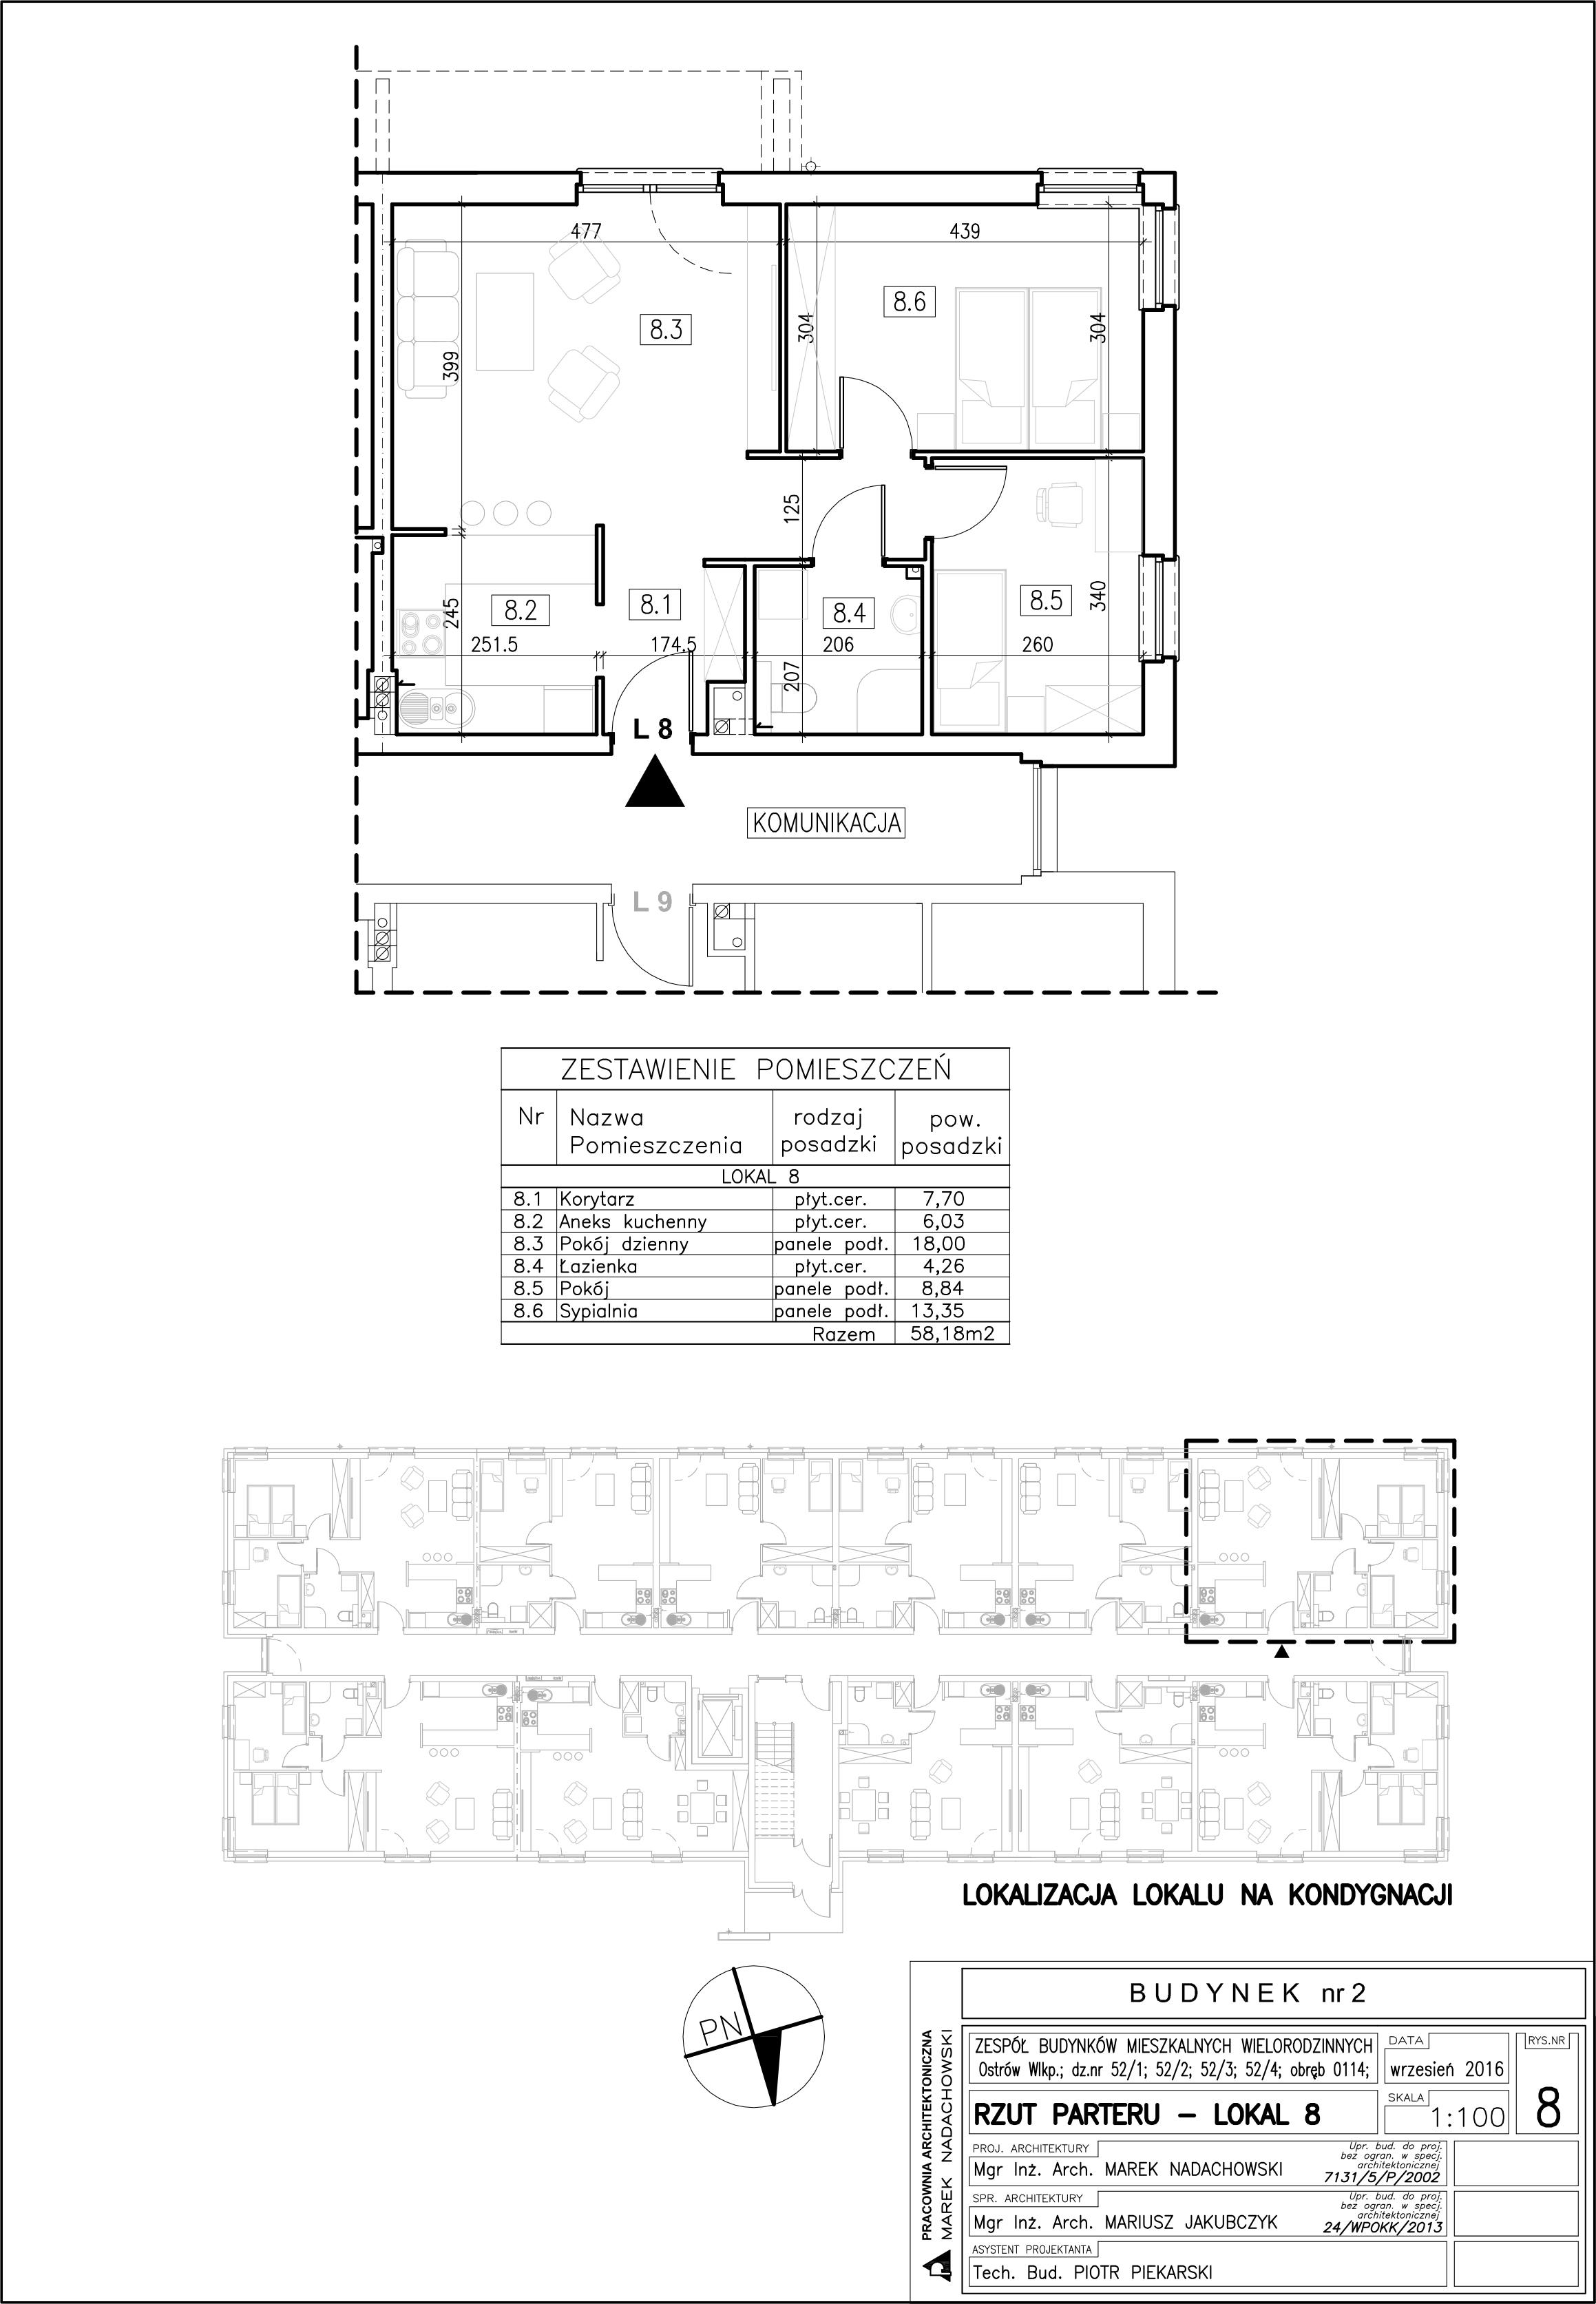 Lokal nr 8 Powierzchnia: 47,76 m2